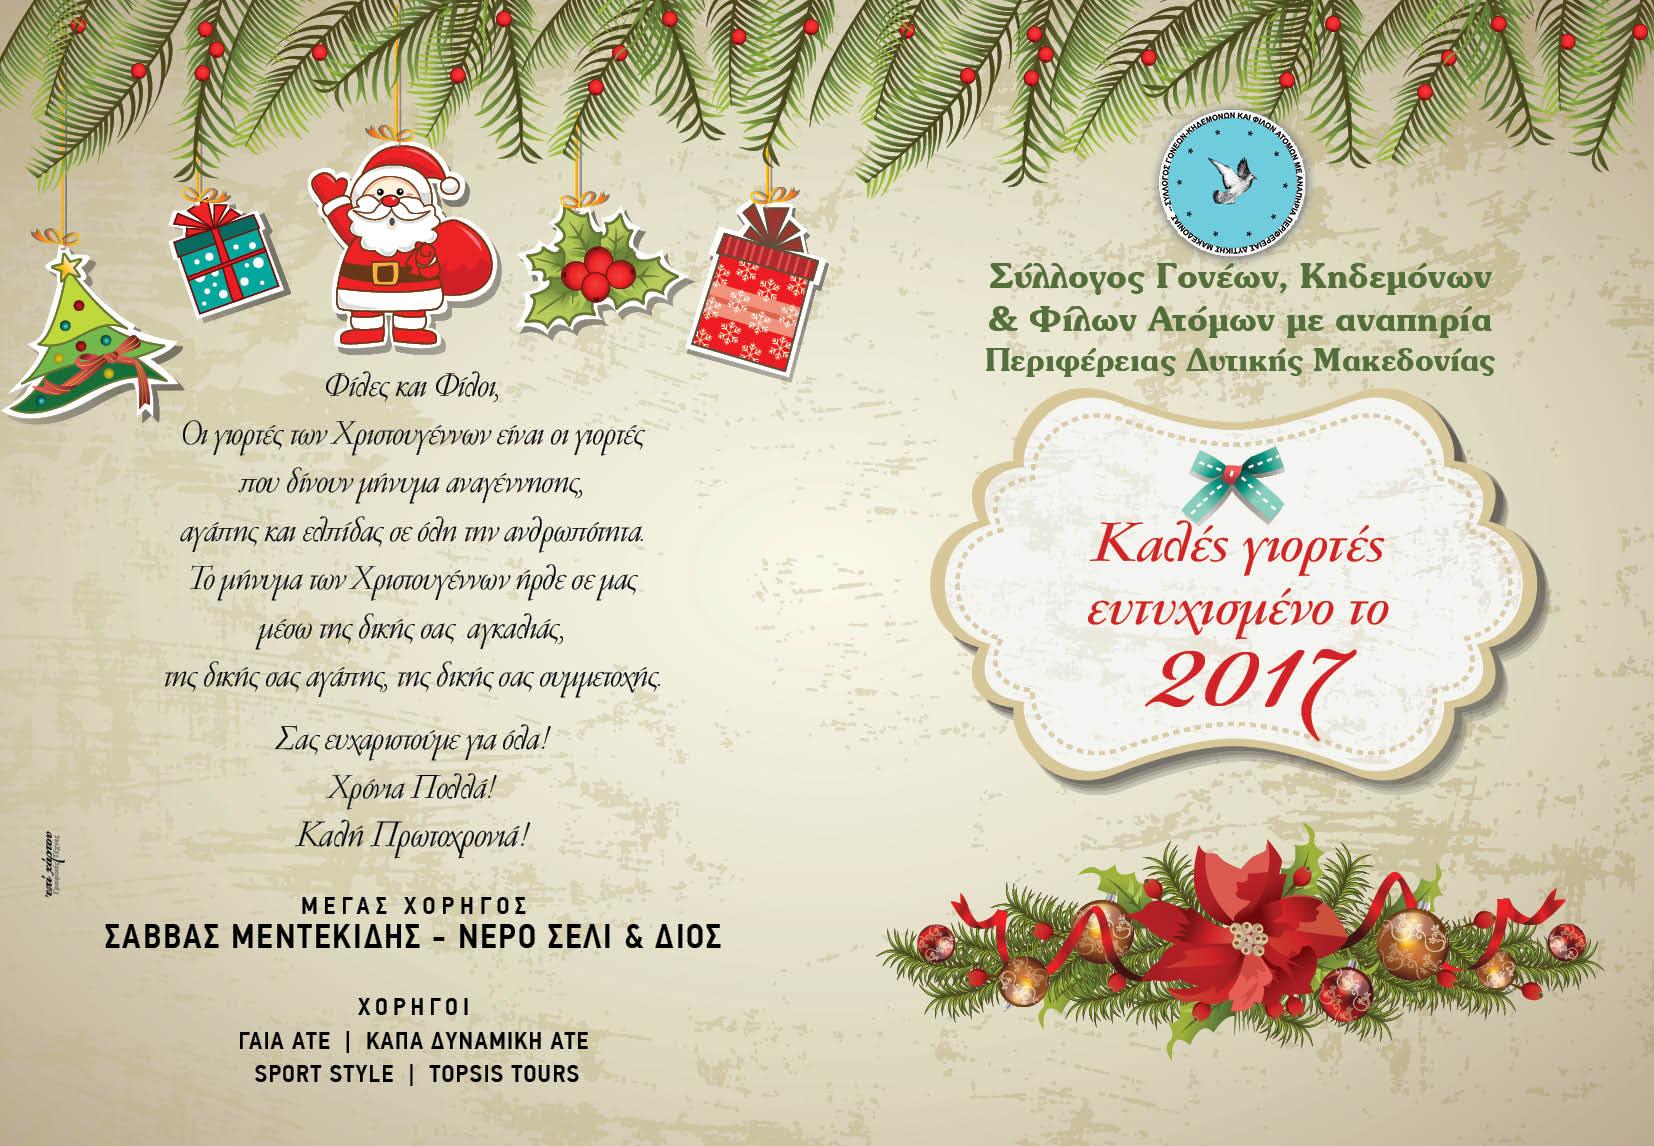 Πτολεμαΐδα: Χριστουγεννιάτικη γιορτή του Συλλόγου Γονέων Κηδεμόνων & Φίλων Ατόμων με αναπηρία, το Σάββατο 17 Δεκεμβρίου